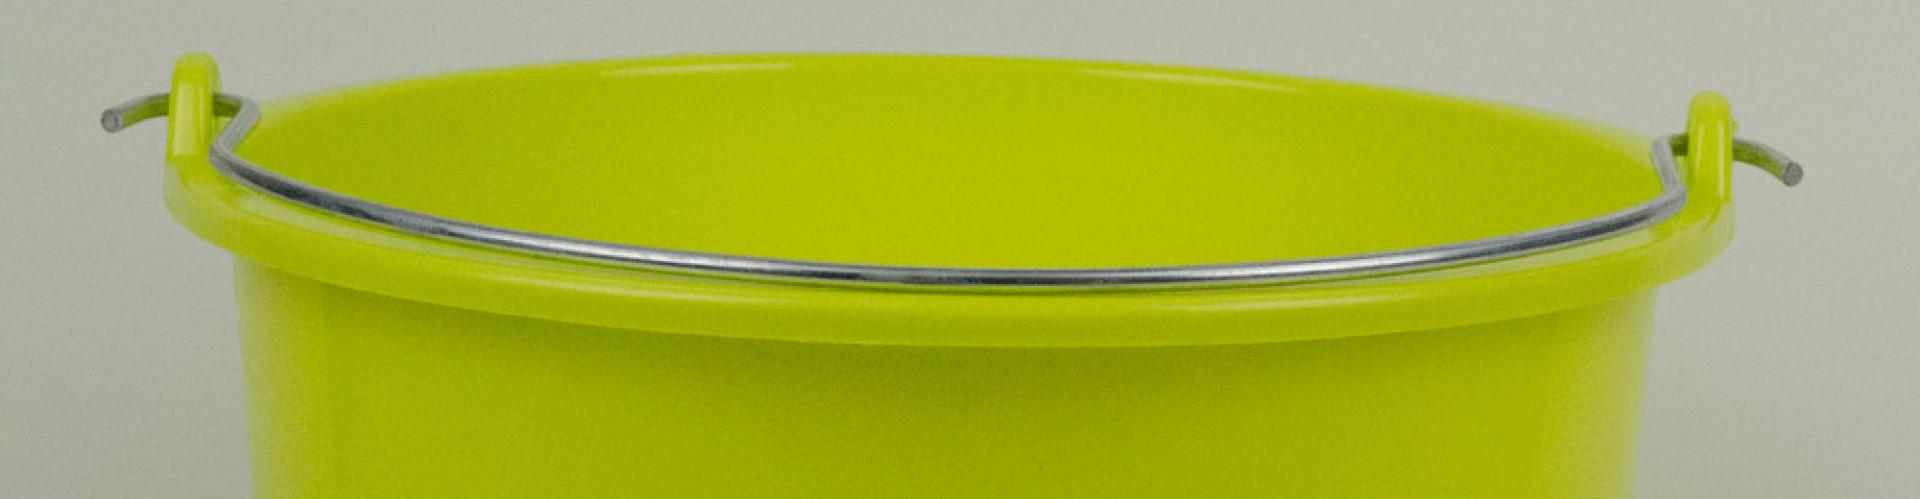 Lime groene emmer